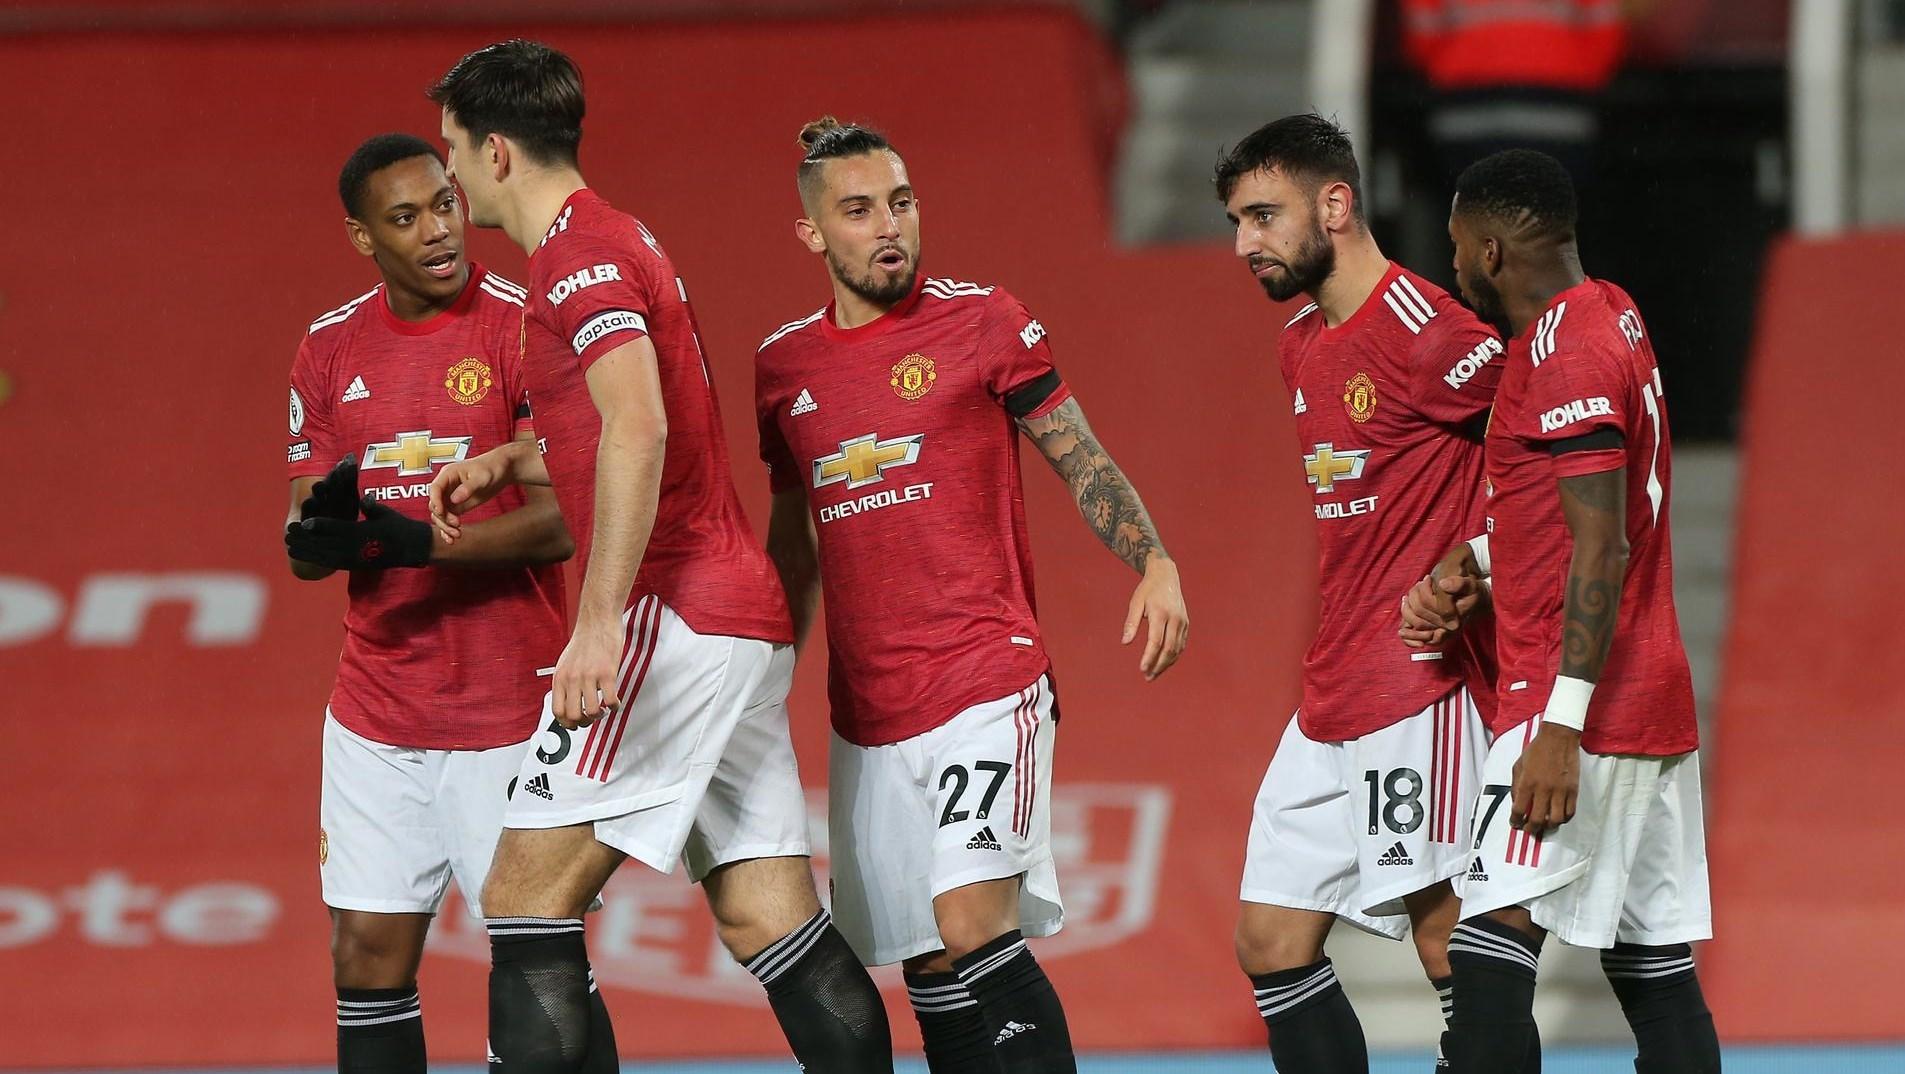 فاز مانشستر يونايتد على وست بروميتش ألبيون 1-0